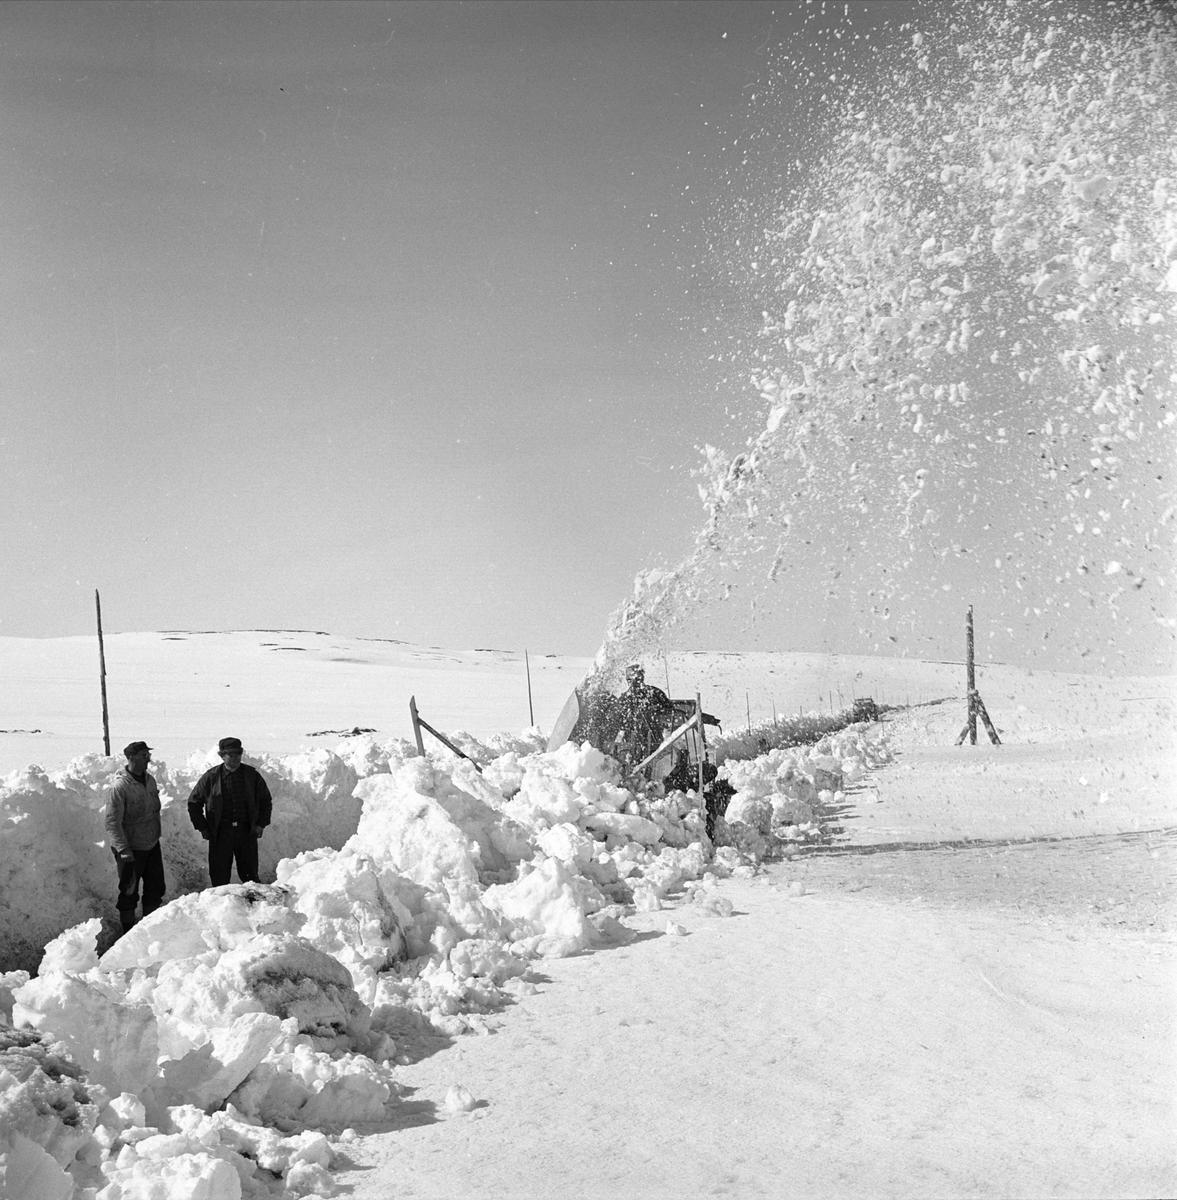 Riksvei 20, Hardangervidda, mai 1963. Snøbrøyting, veien åpnes etter vinteren.